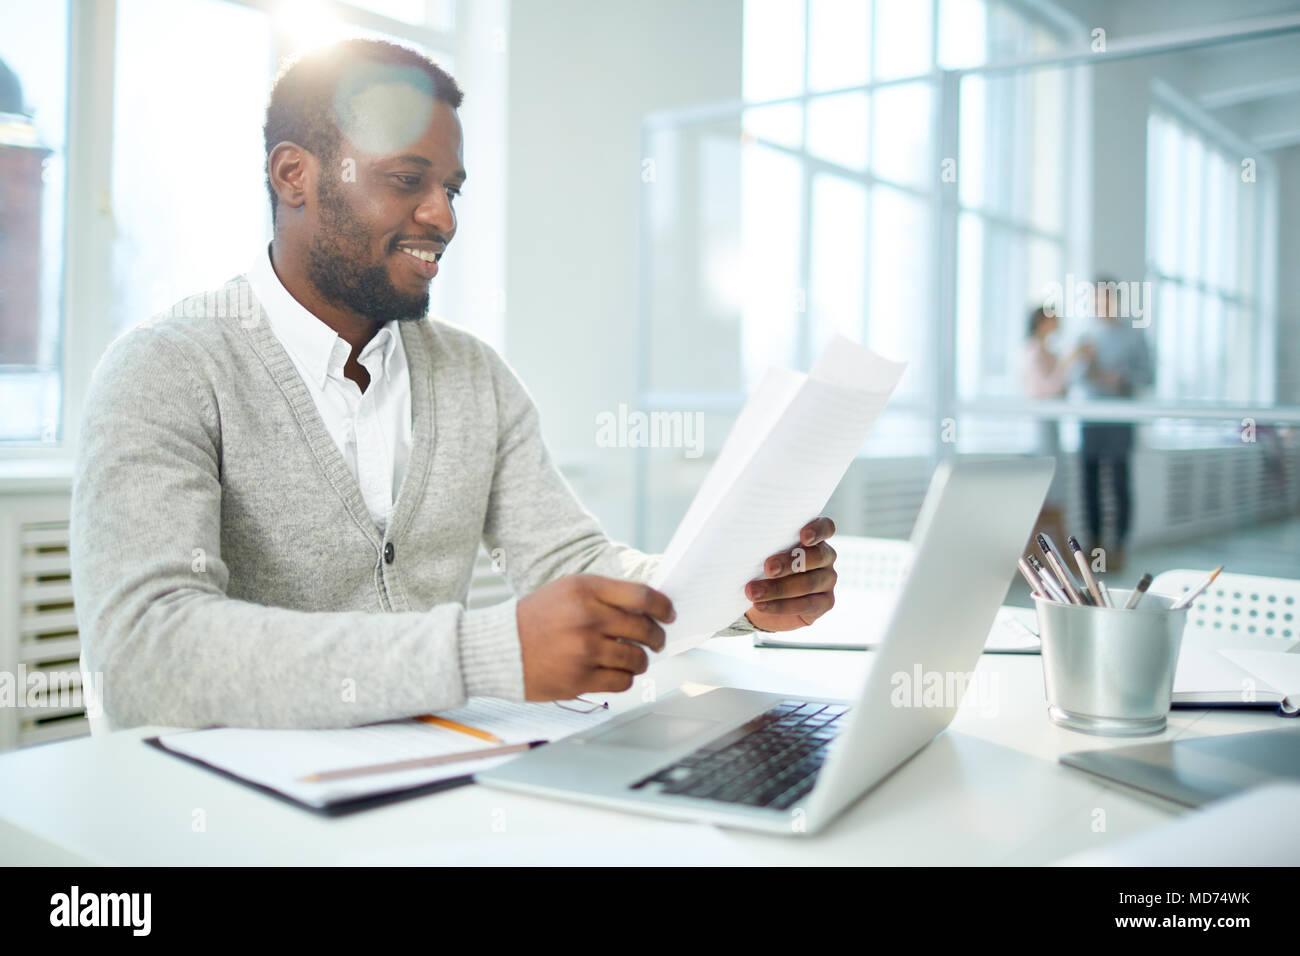 Taille-up Portrait von fröhlichen Afrikanische amerikanische Geschäftsmann Studium Dokument während am Schreibtisch der modernen Großraumbüro sitzen, lens flare Stockbild